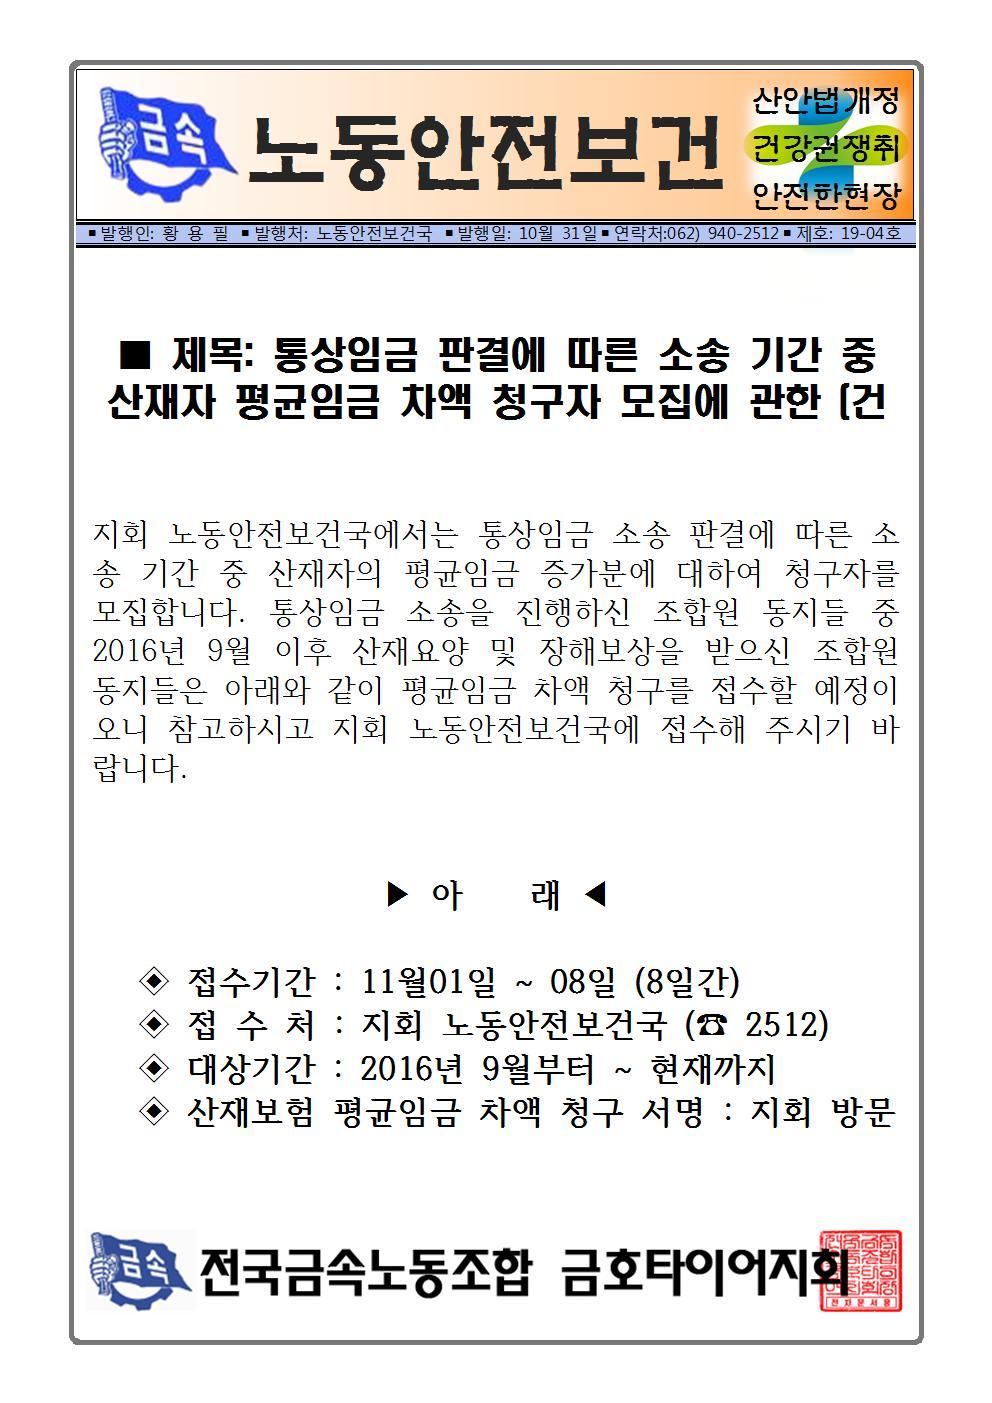 19-04 산재자 평균임금 차액 청구자 모집.jpg